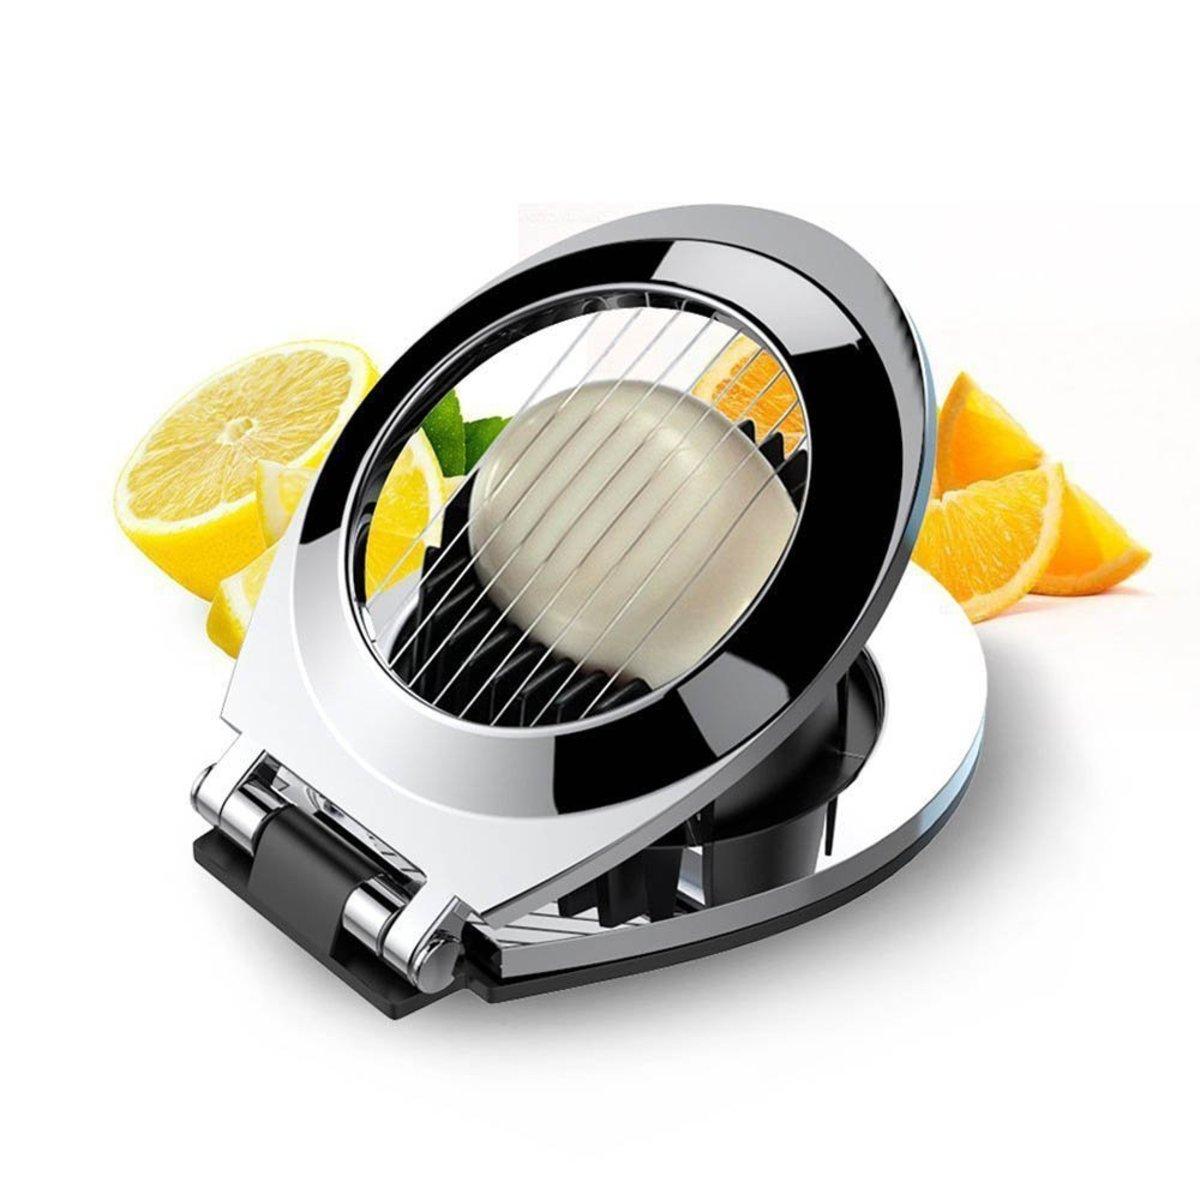 不銹鋼 雞蛋切片機 切蛋器 適合制作沙律和三文治用